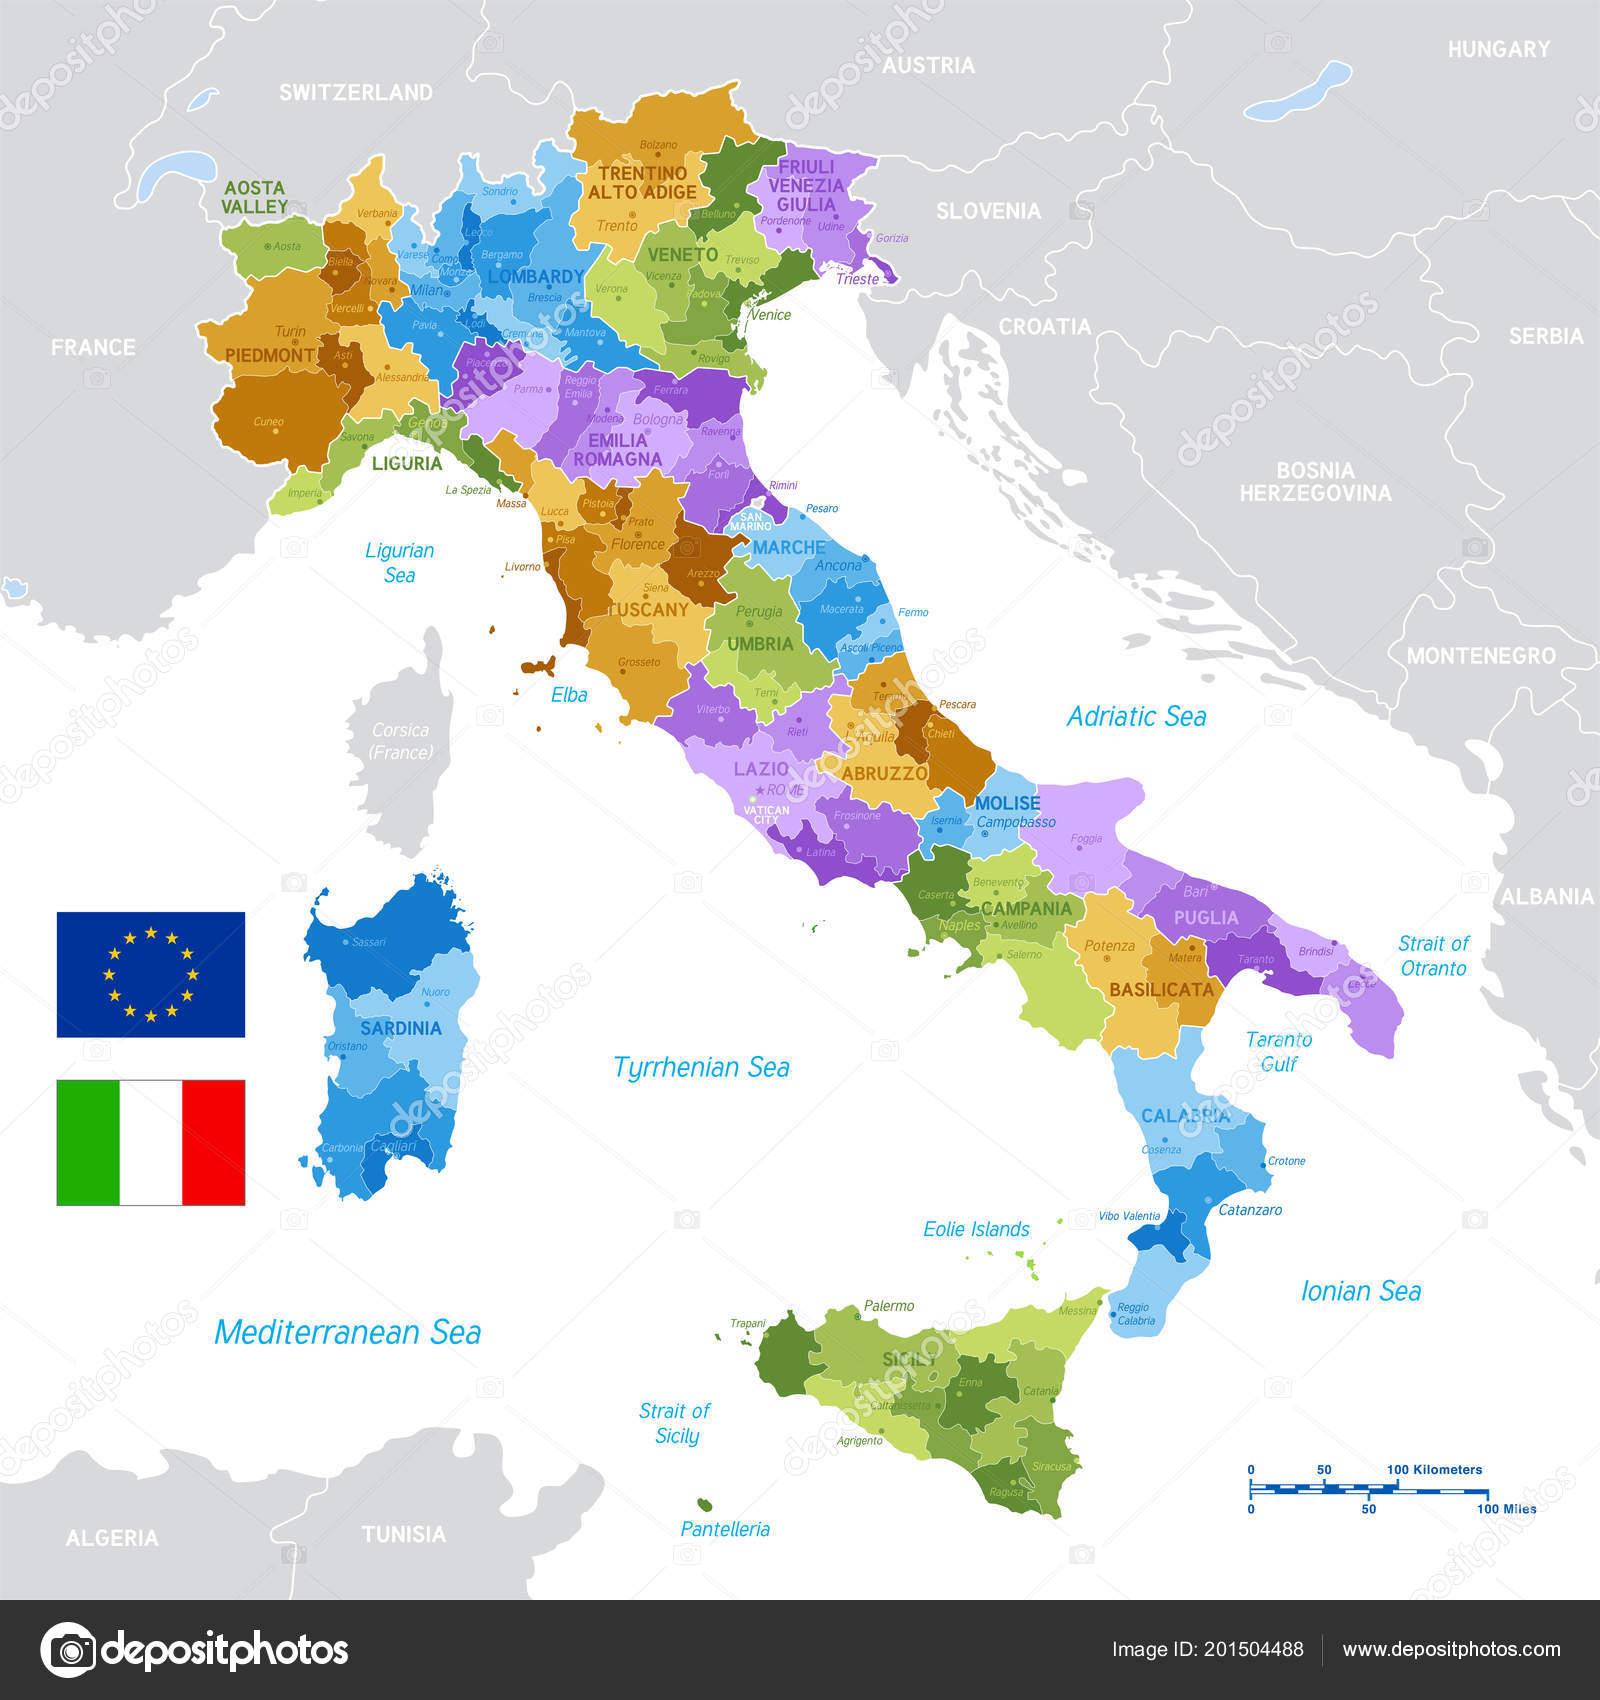 Cartina Italia E Province.Cartina Italia Politica Vettori Stock Immagini Disegni Cartina Italia Politica Grafica Vettoriale Da Depositphotos